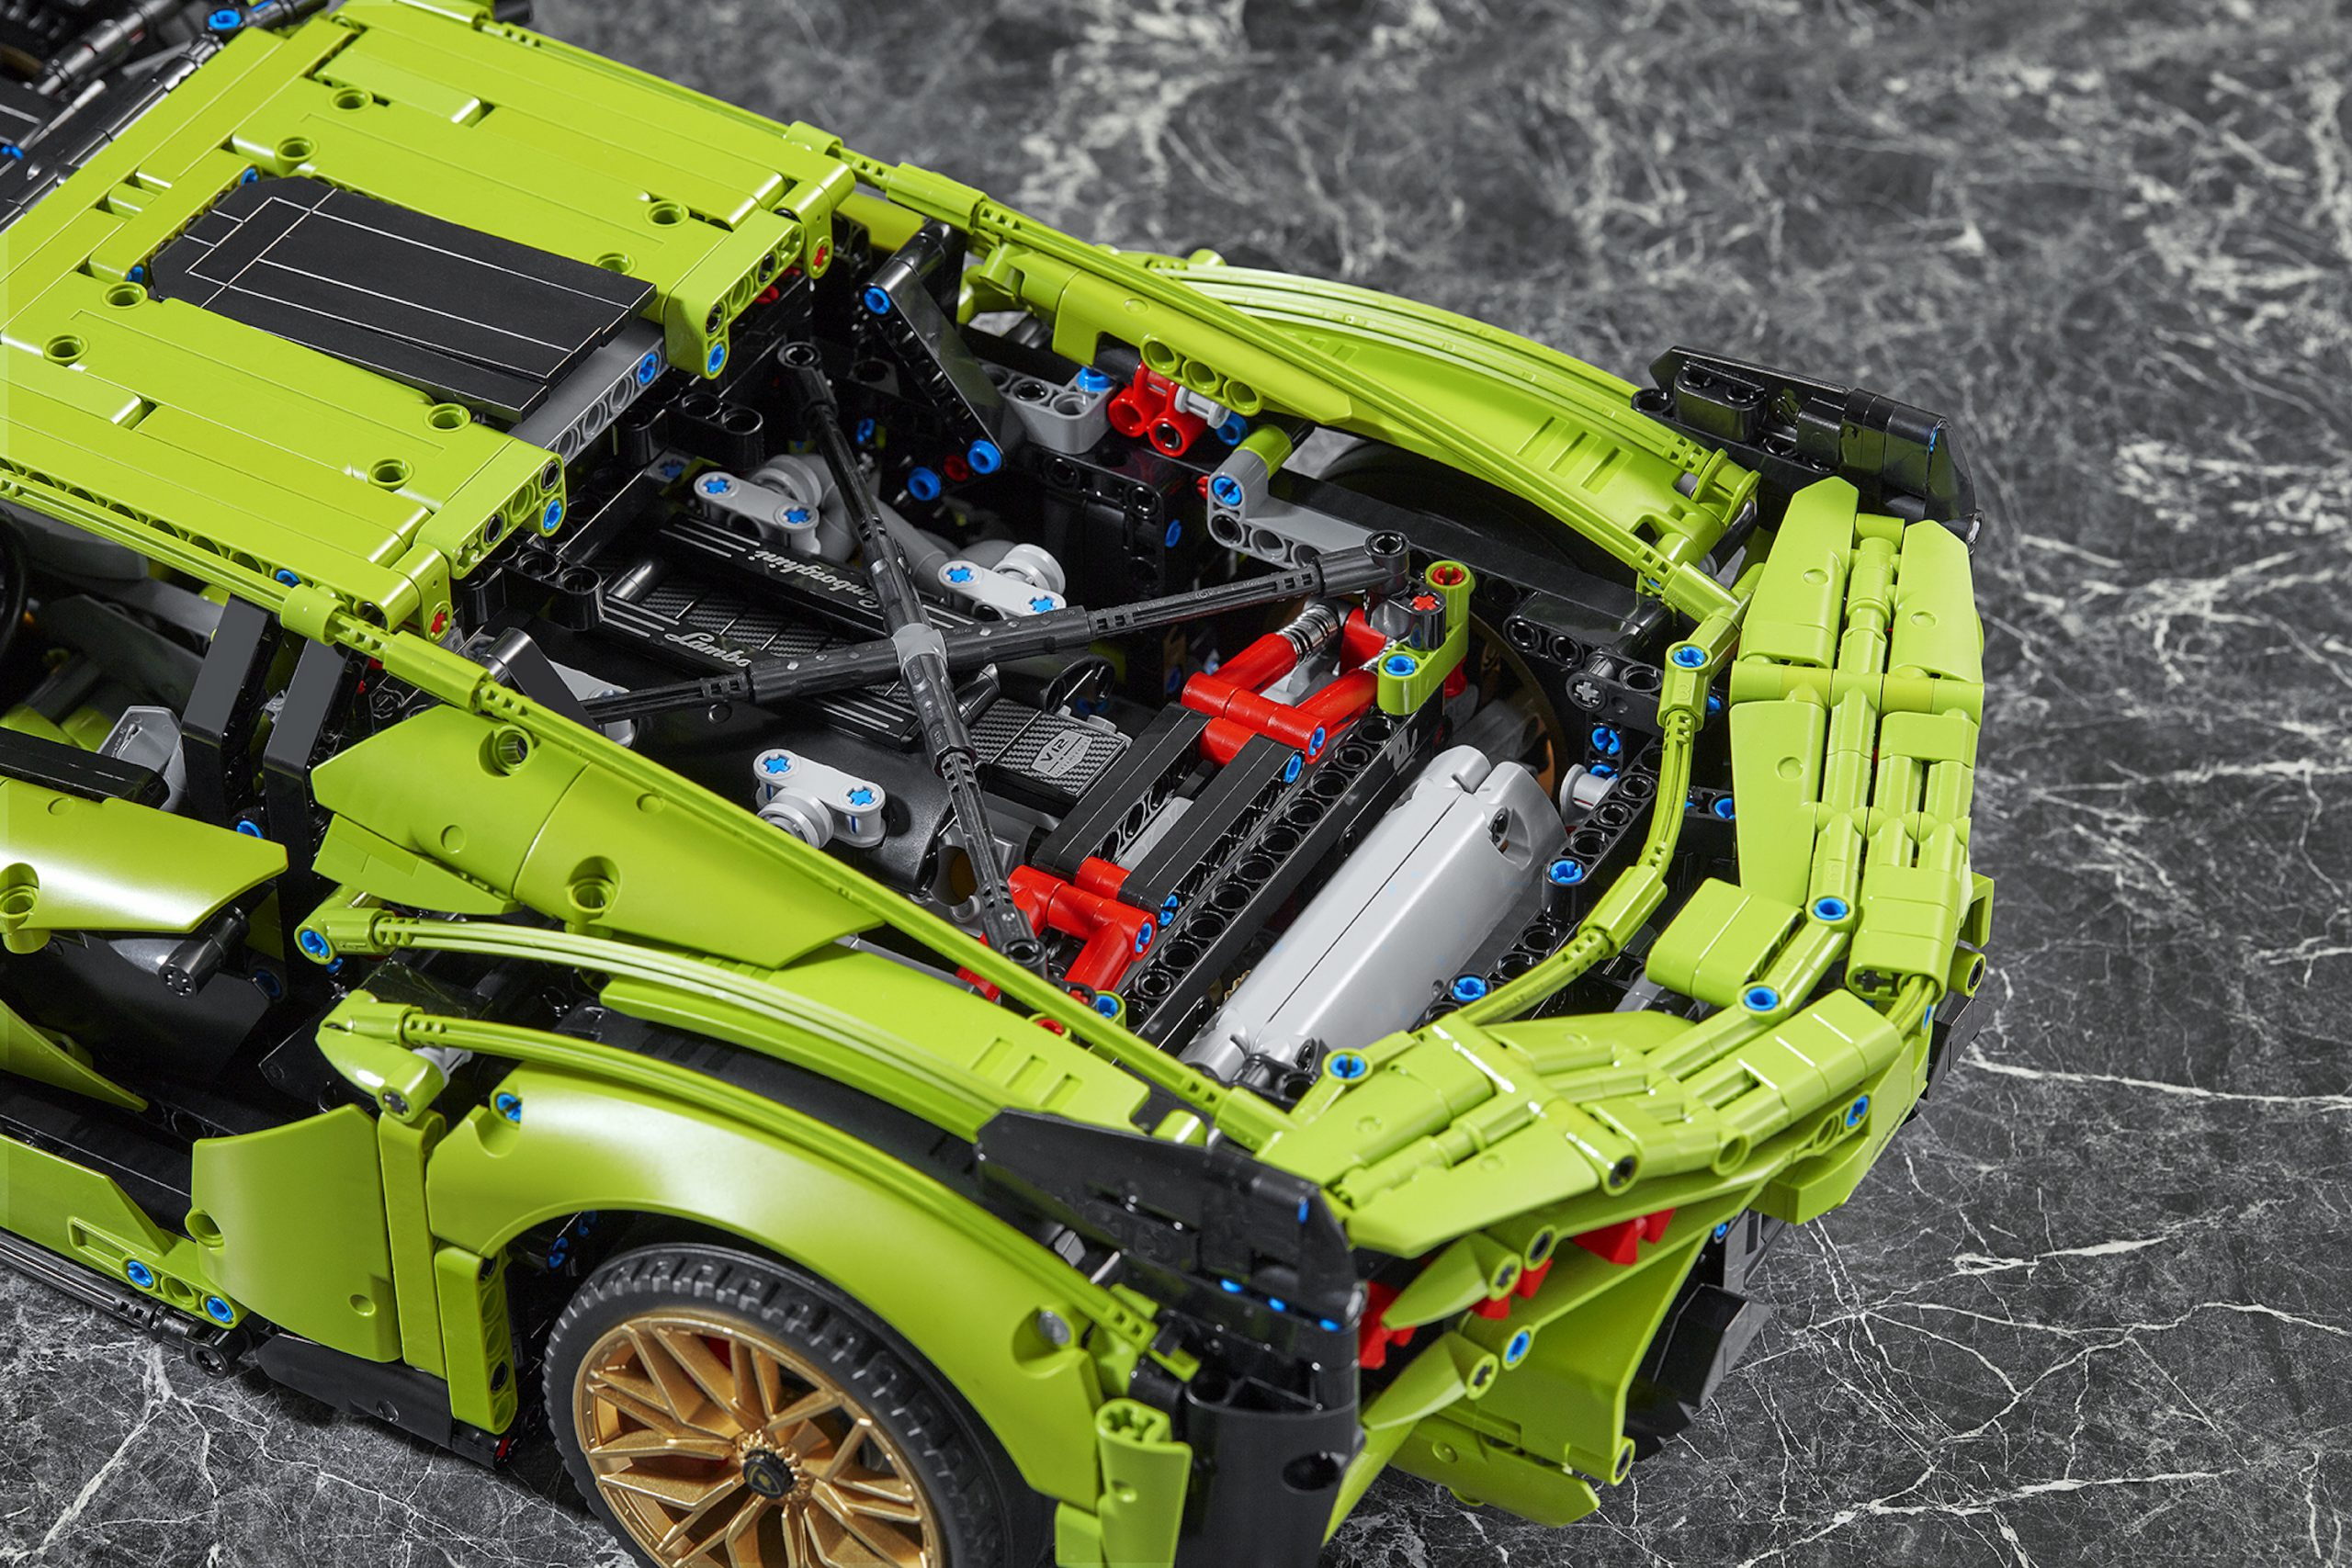 LEGO Lamborghini Sian Rear Engine